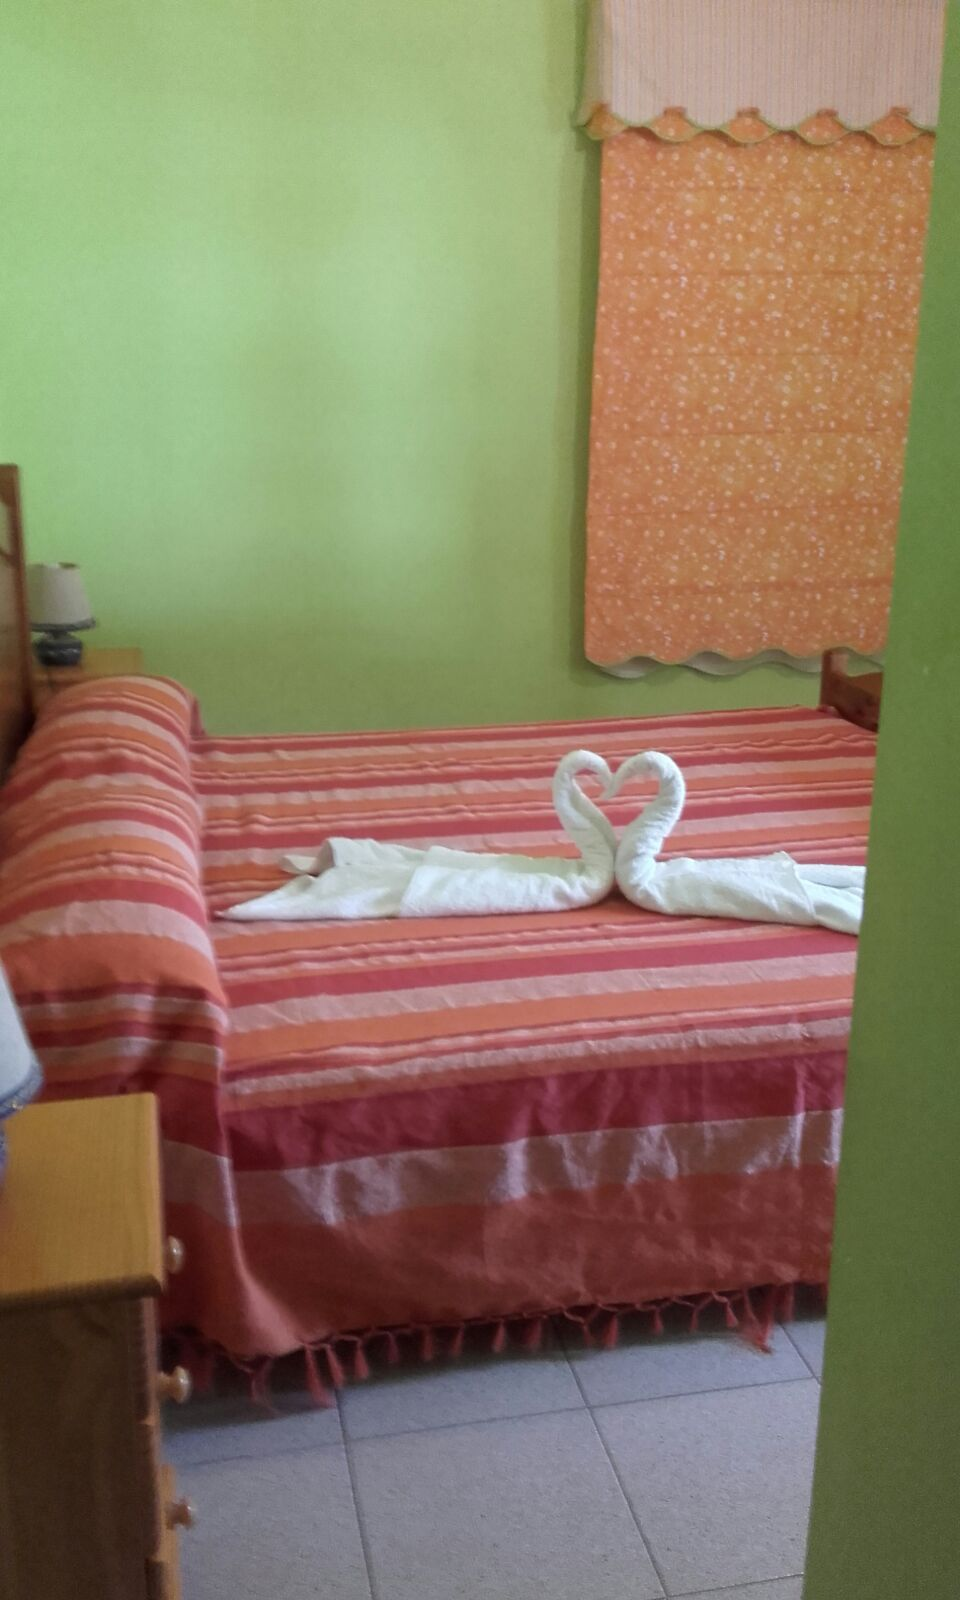 Two-bed apartment Orion Tazacorte la Palma